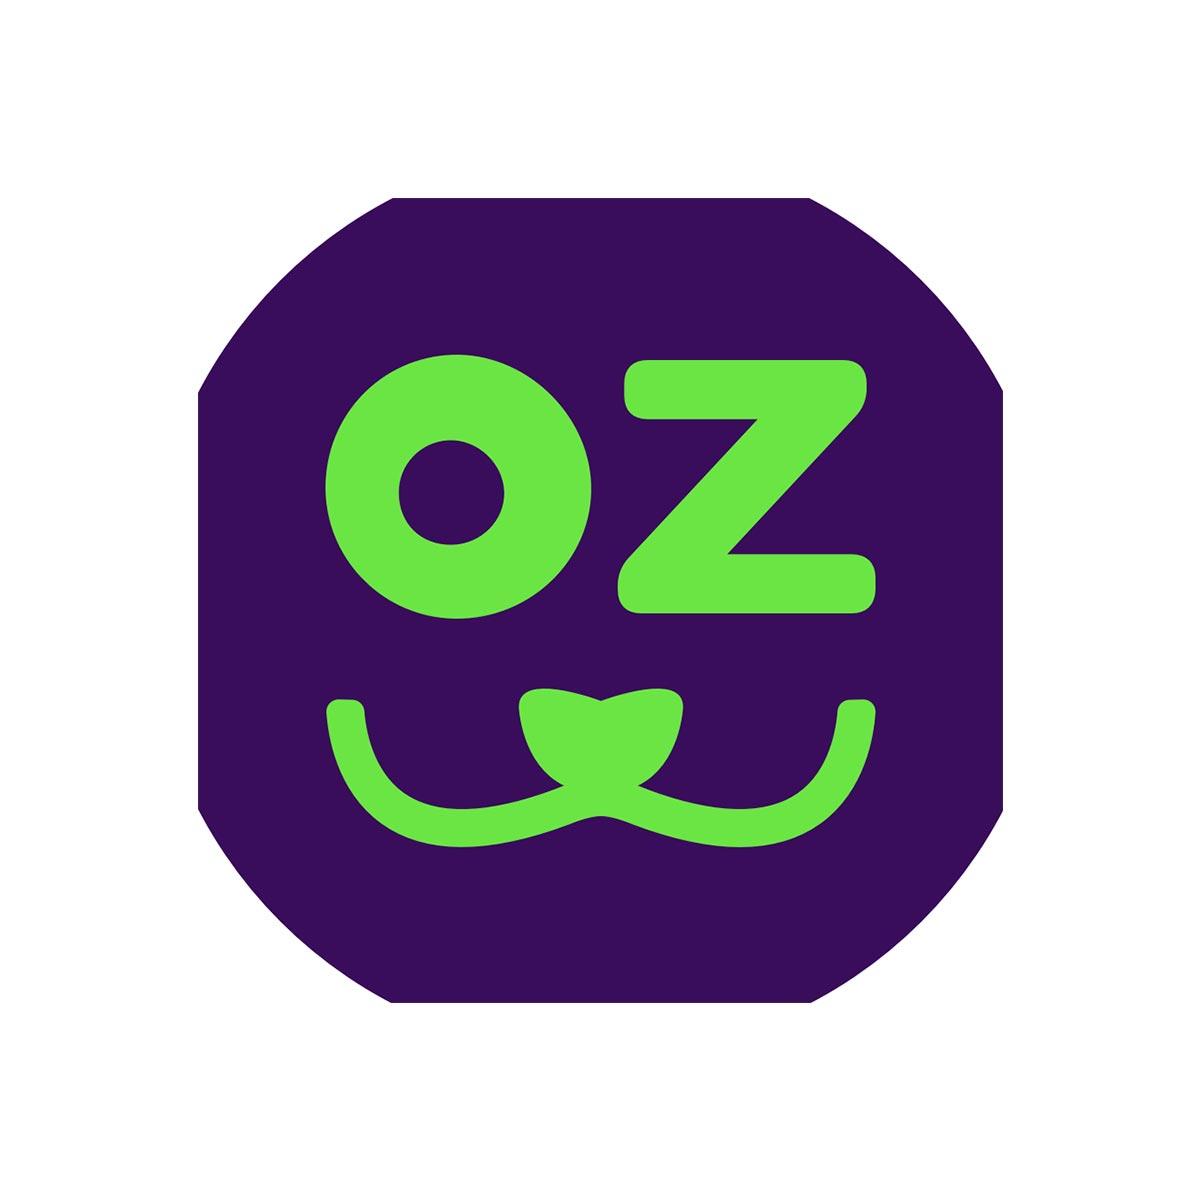 kozooo